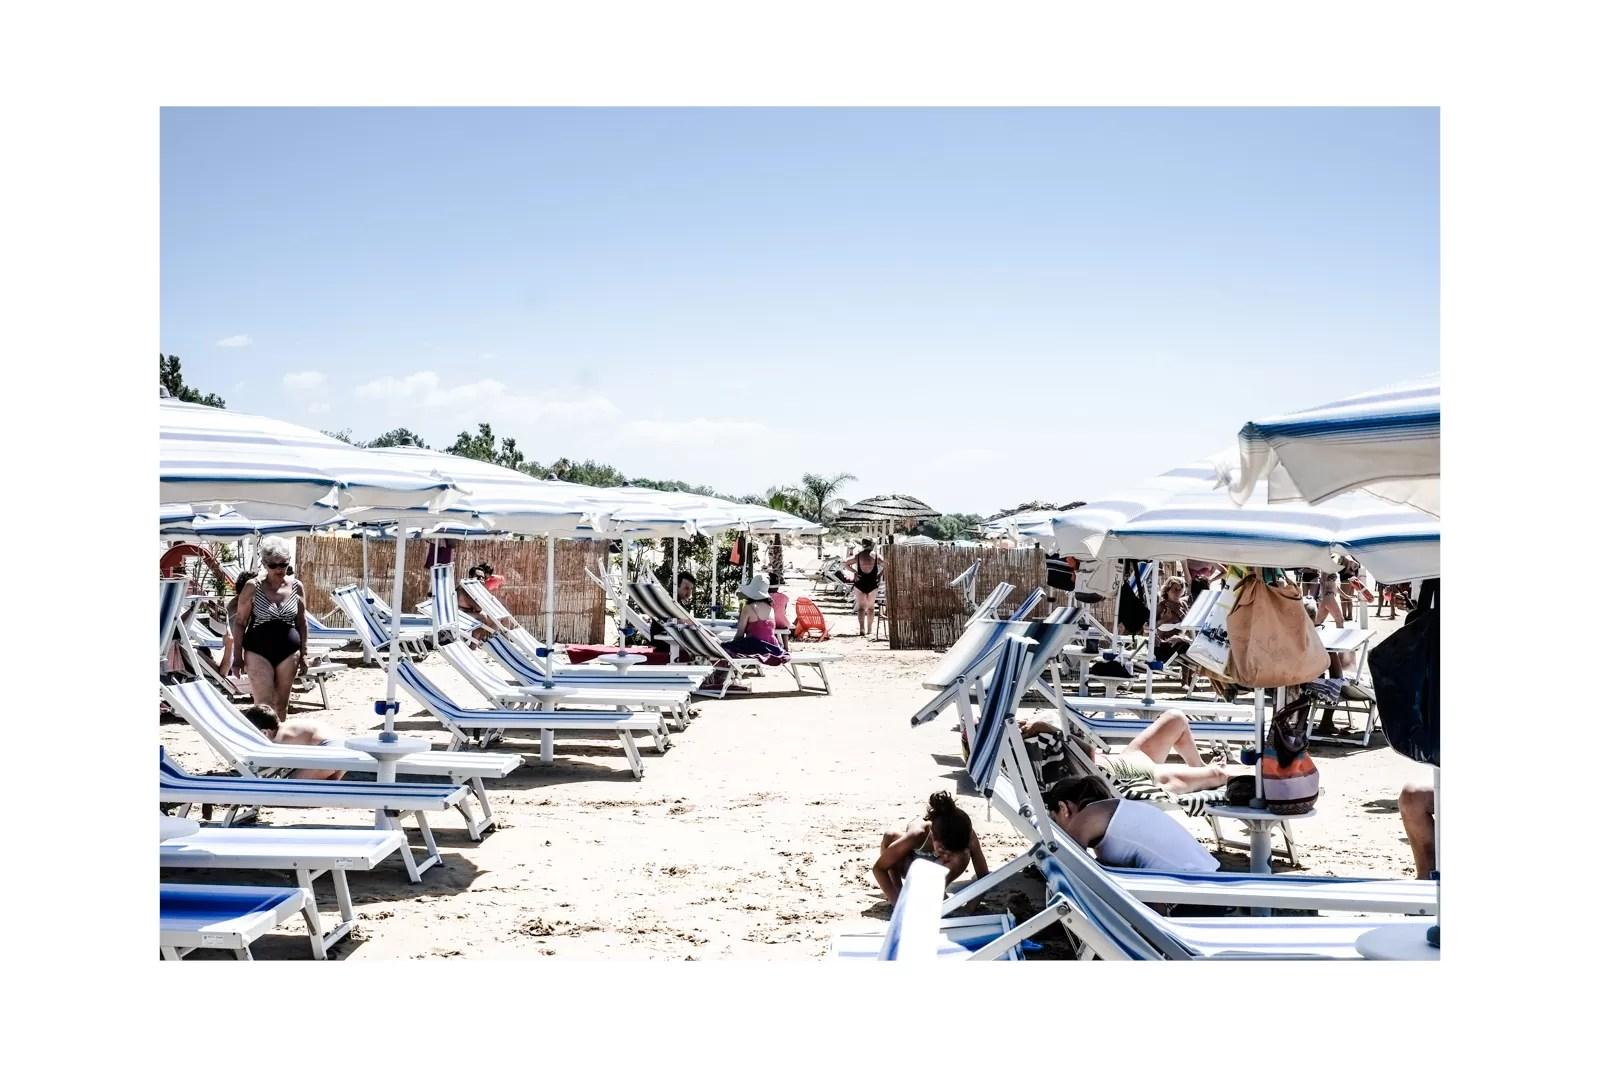 DSCF1122 - Immobili sotto il caldo sole di sicilia - fotostreet.it